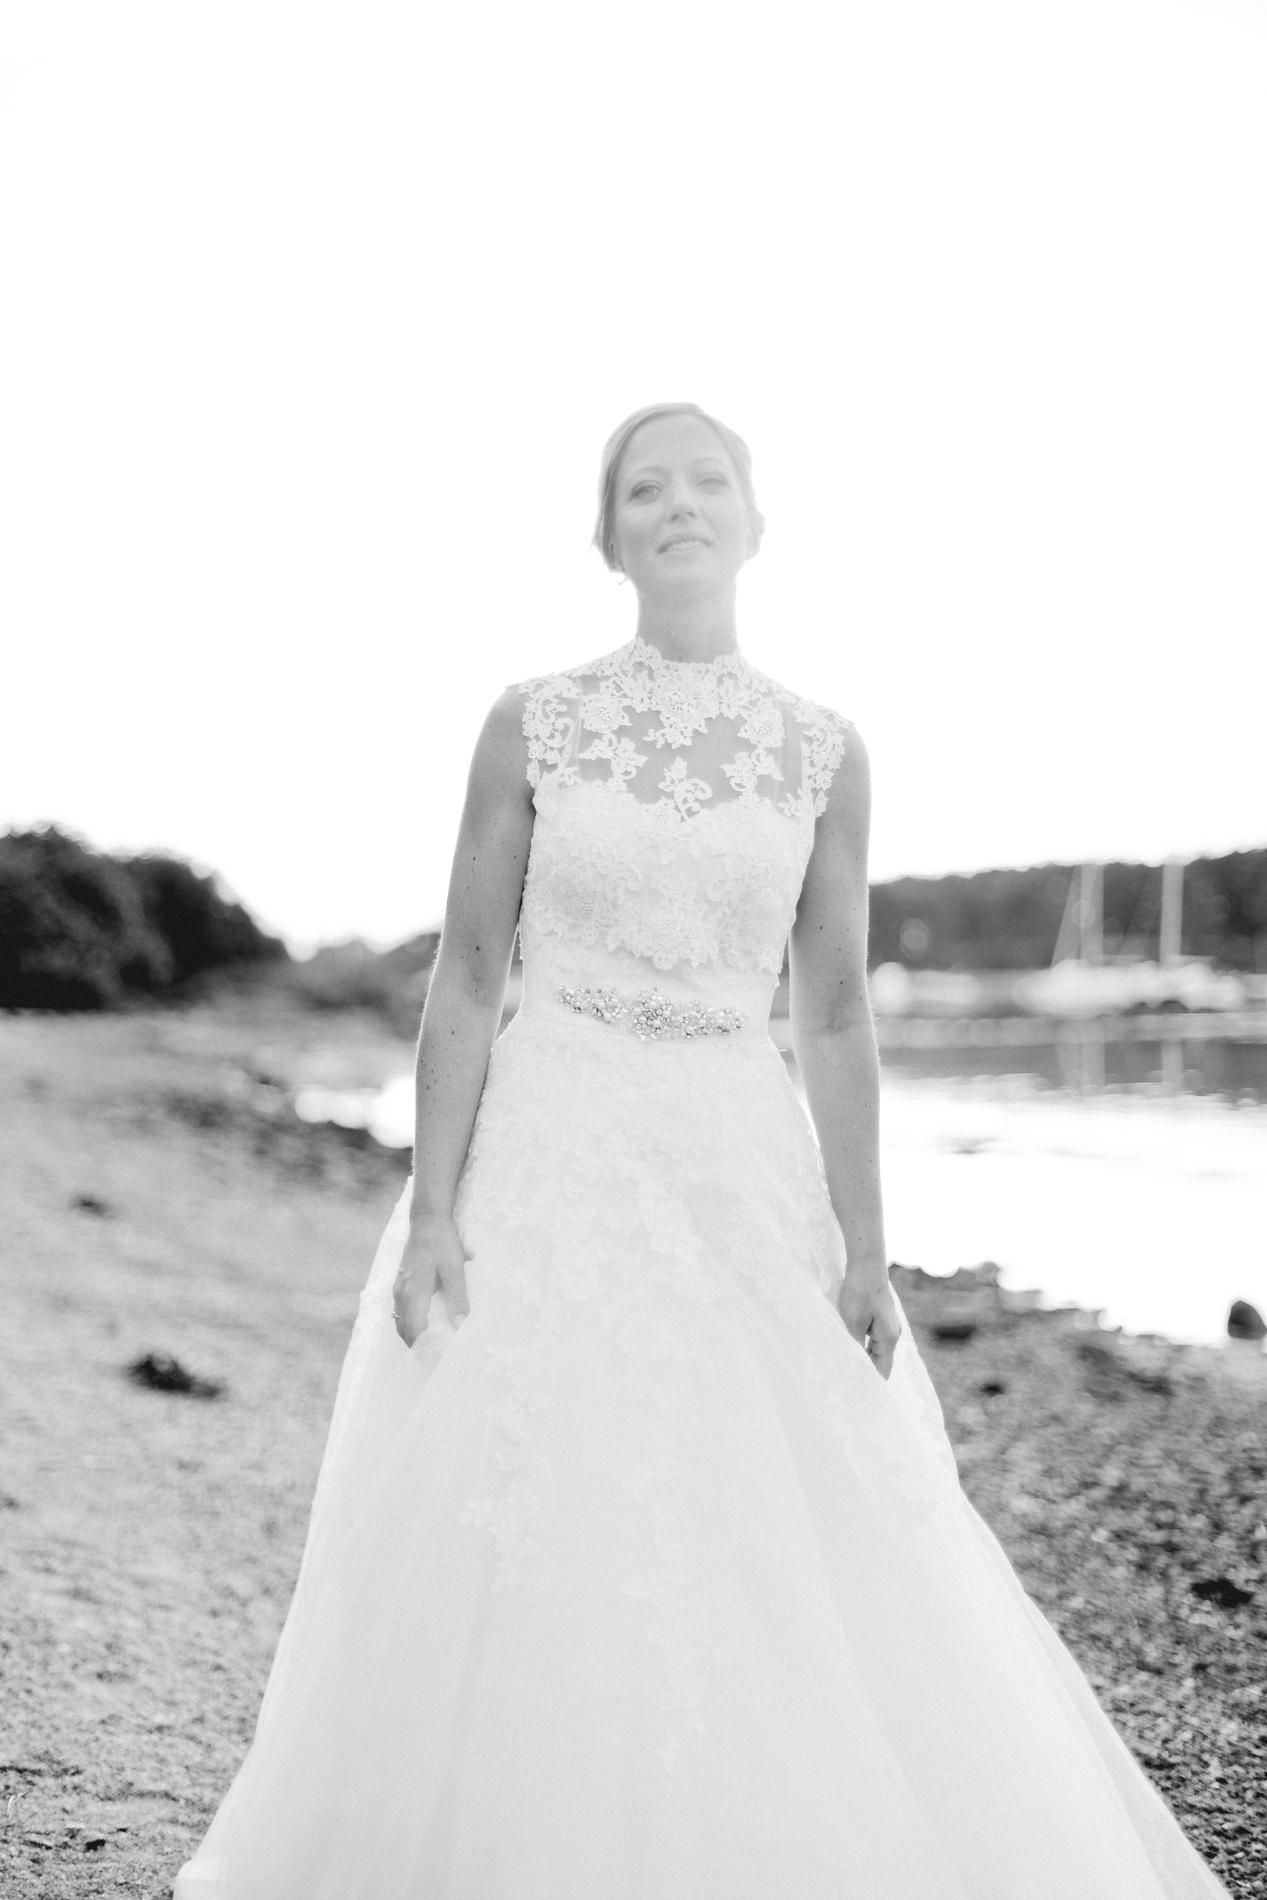 photographe-mariage-bretagne-maria-thomas-88